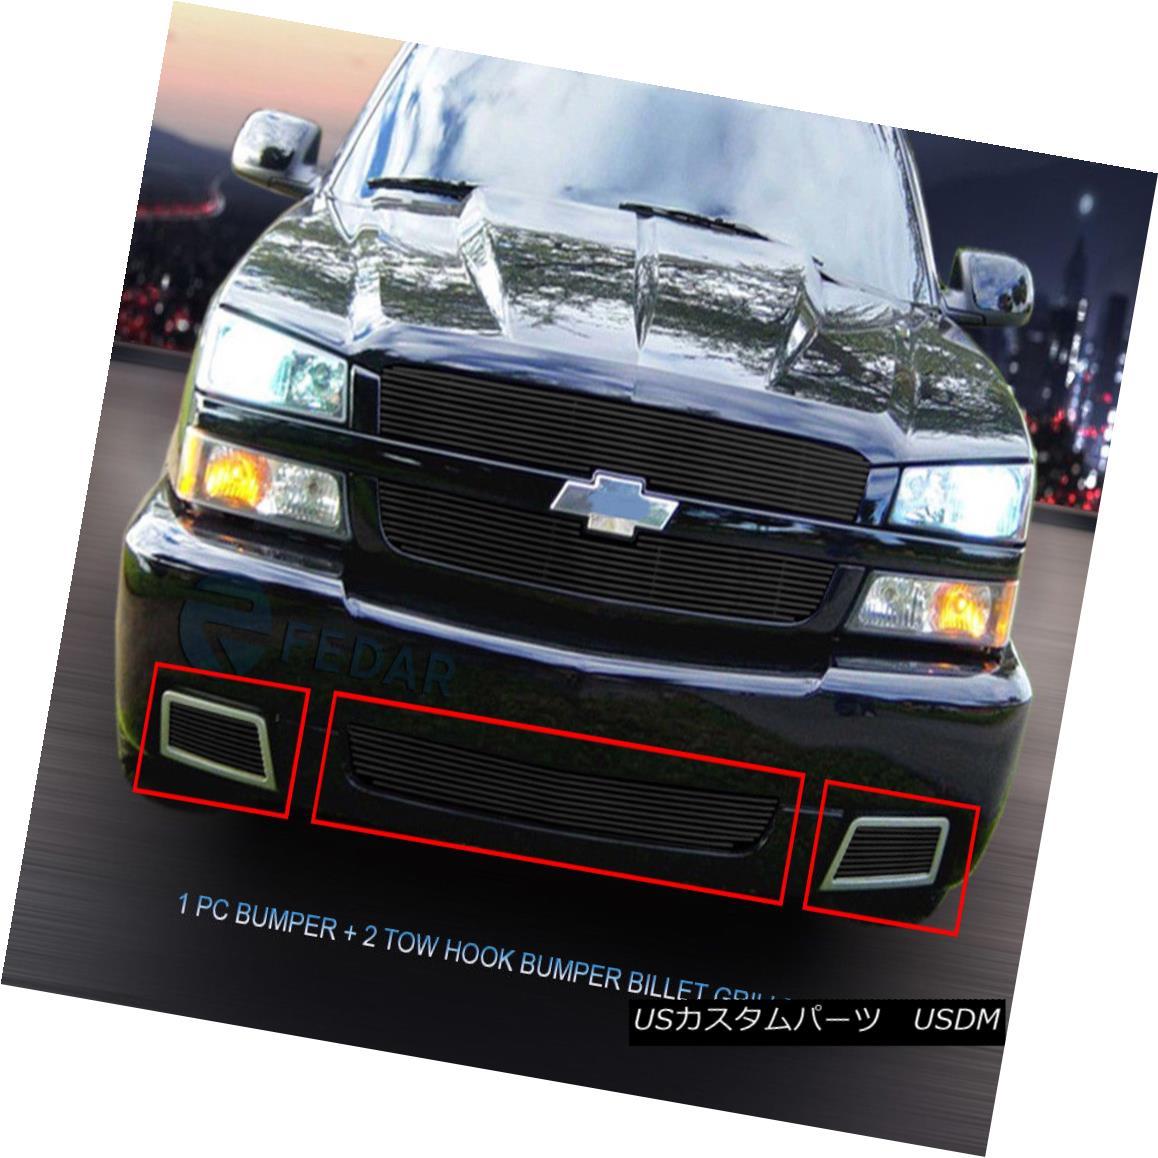 グリル Fedar Fits 2003-2006 Chevy Silverado 1500 SS Black Billet Grille Insert Fedar Fitting 2003-2006 Chevy Silverado 1500 SS Black Billet Grille Insert